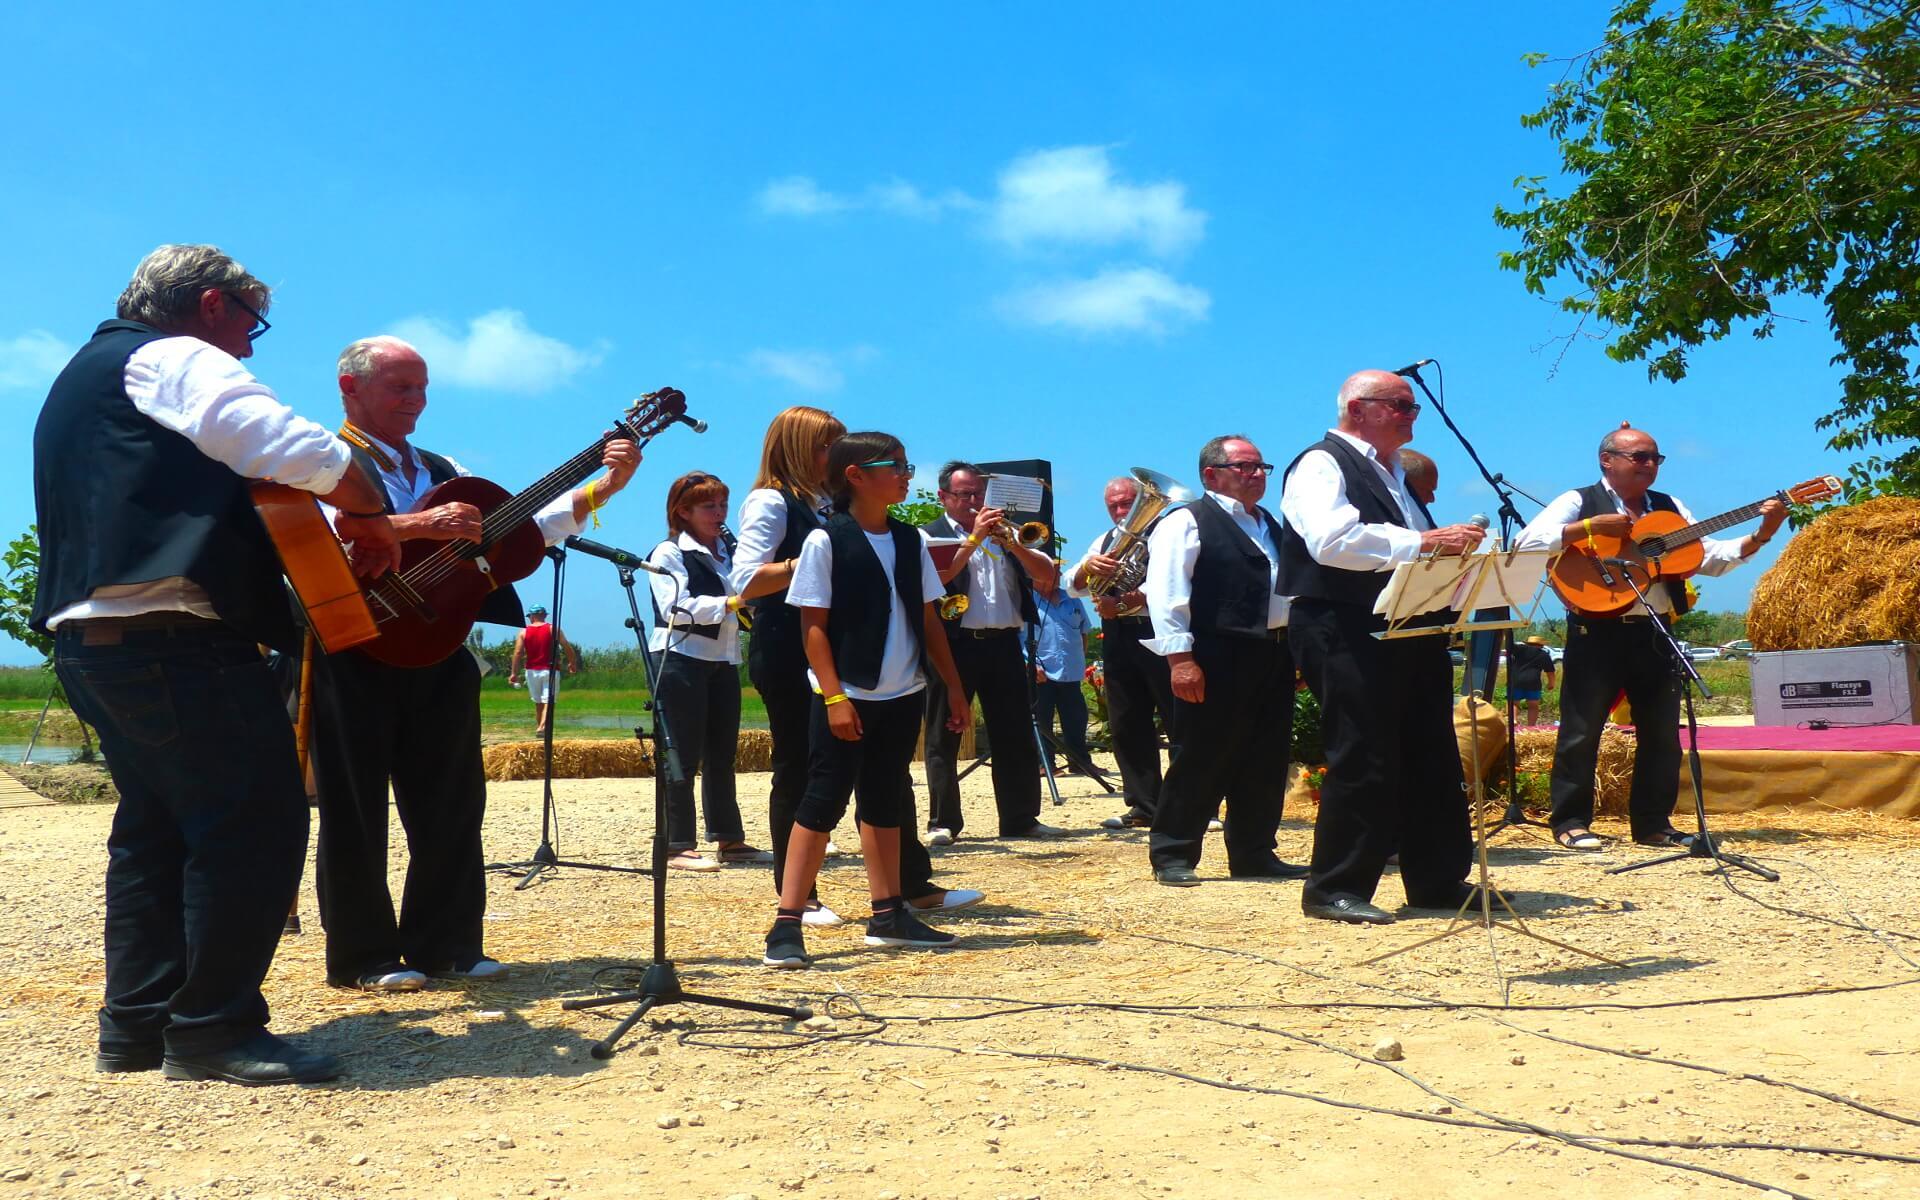 Lokale Musikgruppe beim Aufspielen traditioneller Lieder